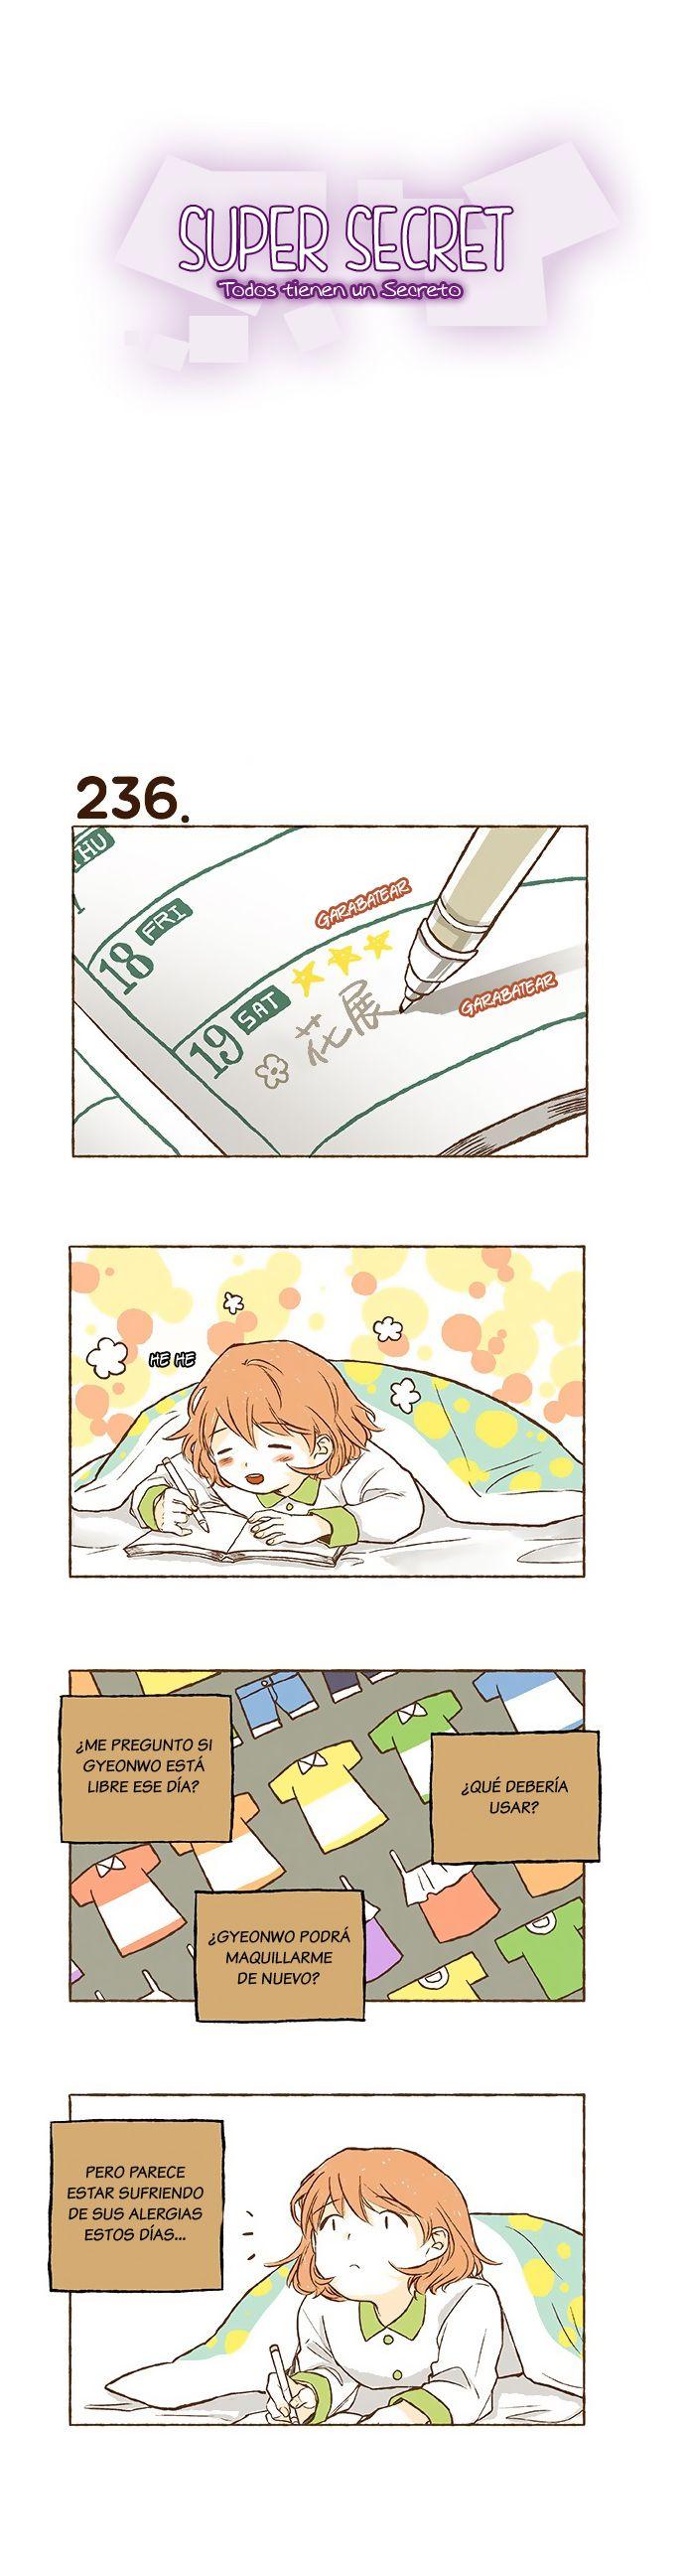 http://c5.ninemanga.com/es_manga/pic2/61/17725/514991/f77ecc17109b1b806350eb7e7bbfd861.jpg Page 2